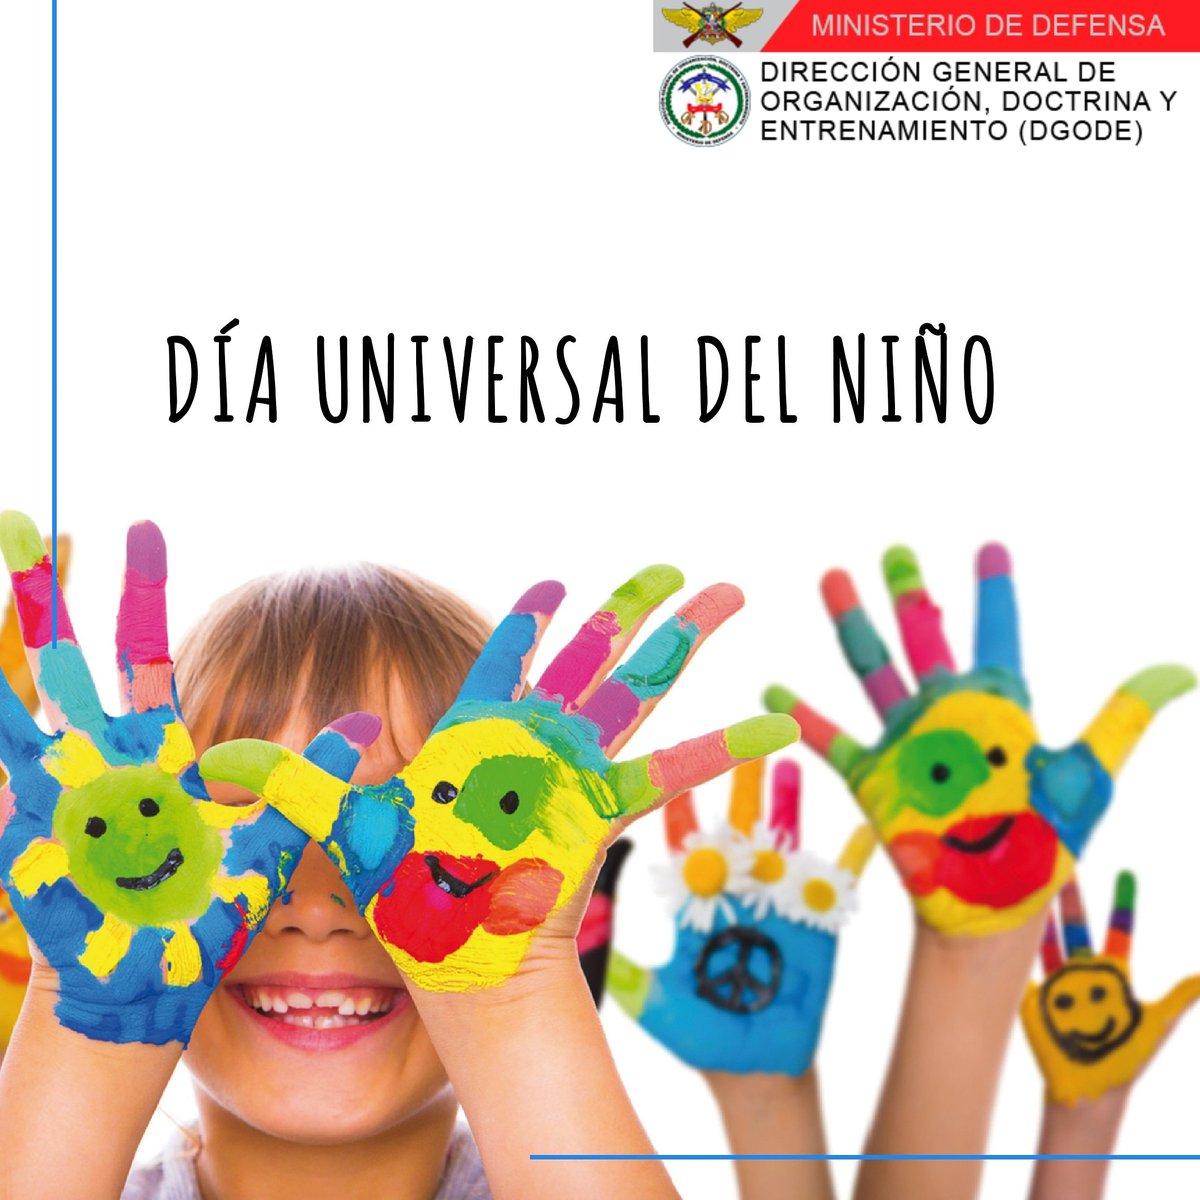 [Día Universal del Niño]   ElDía Universal del Niño, que se celebra todos los años el 20 de noviembre, es un día dedicado a todos los niños y niñas del mundo. https://t.co/zNCTFJOu1n